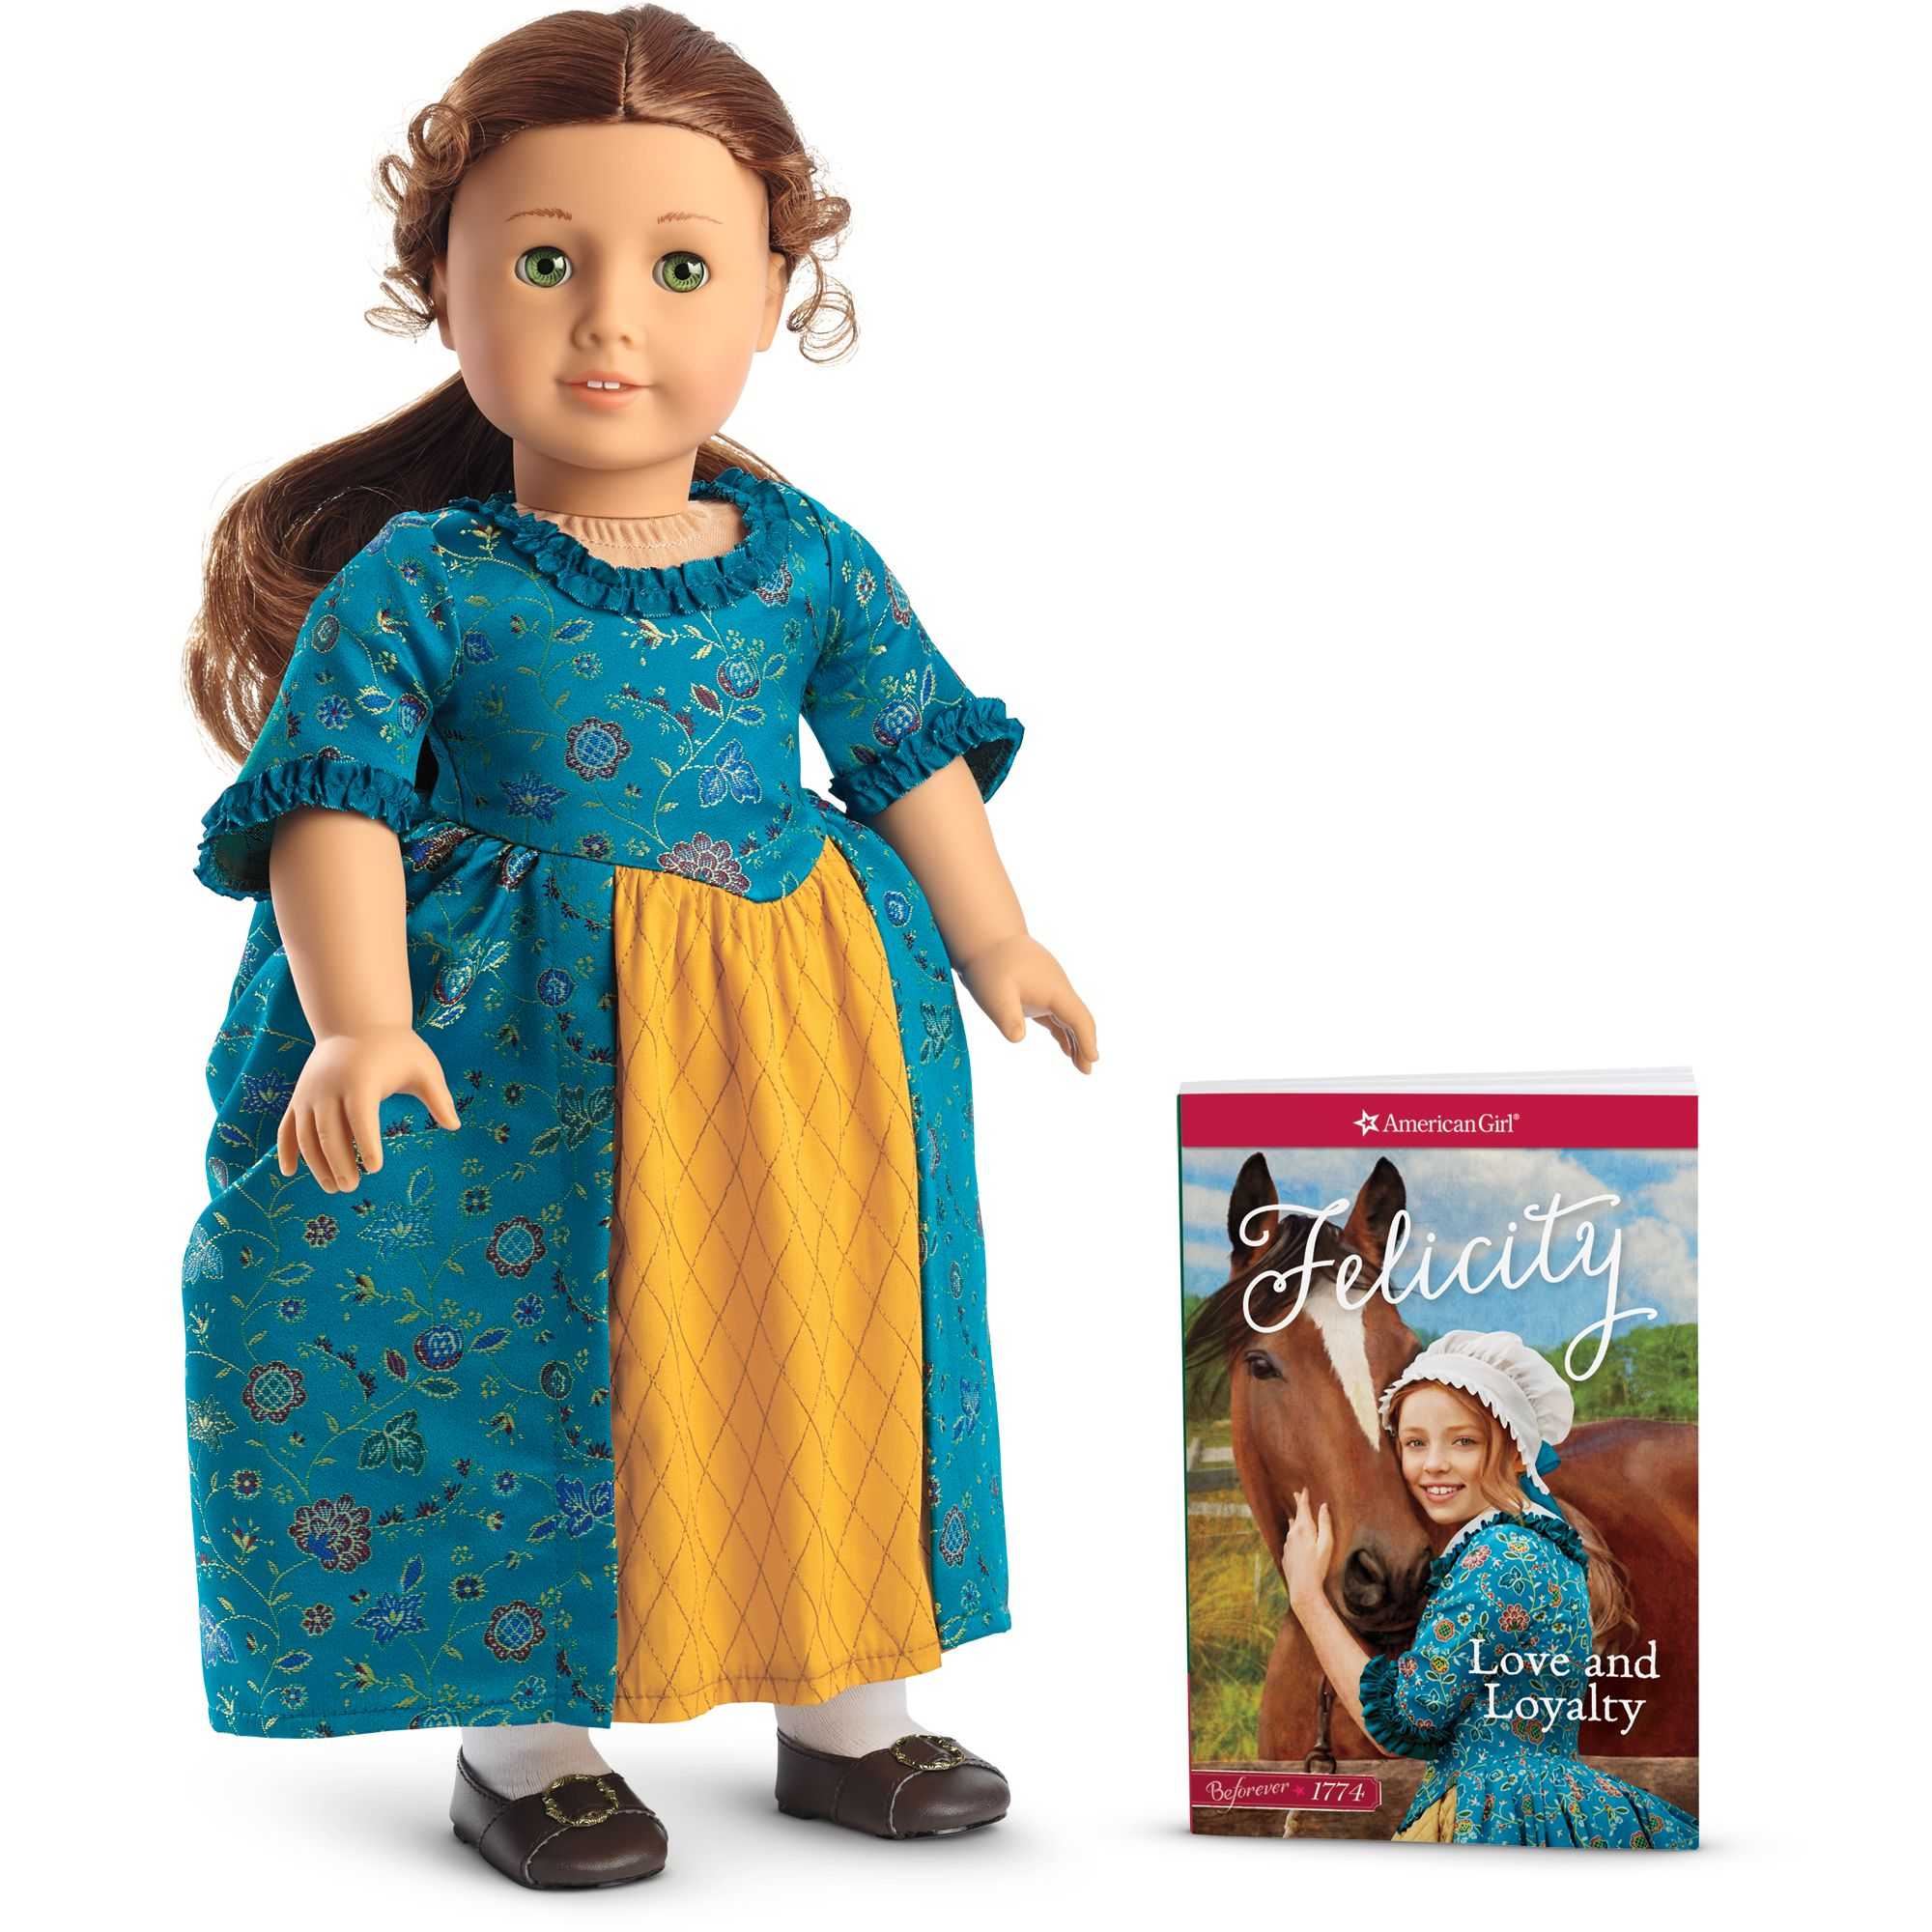 Felicity Merriman (doll)